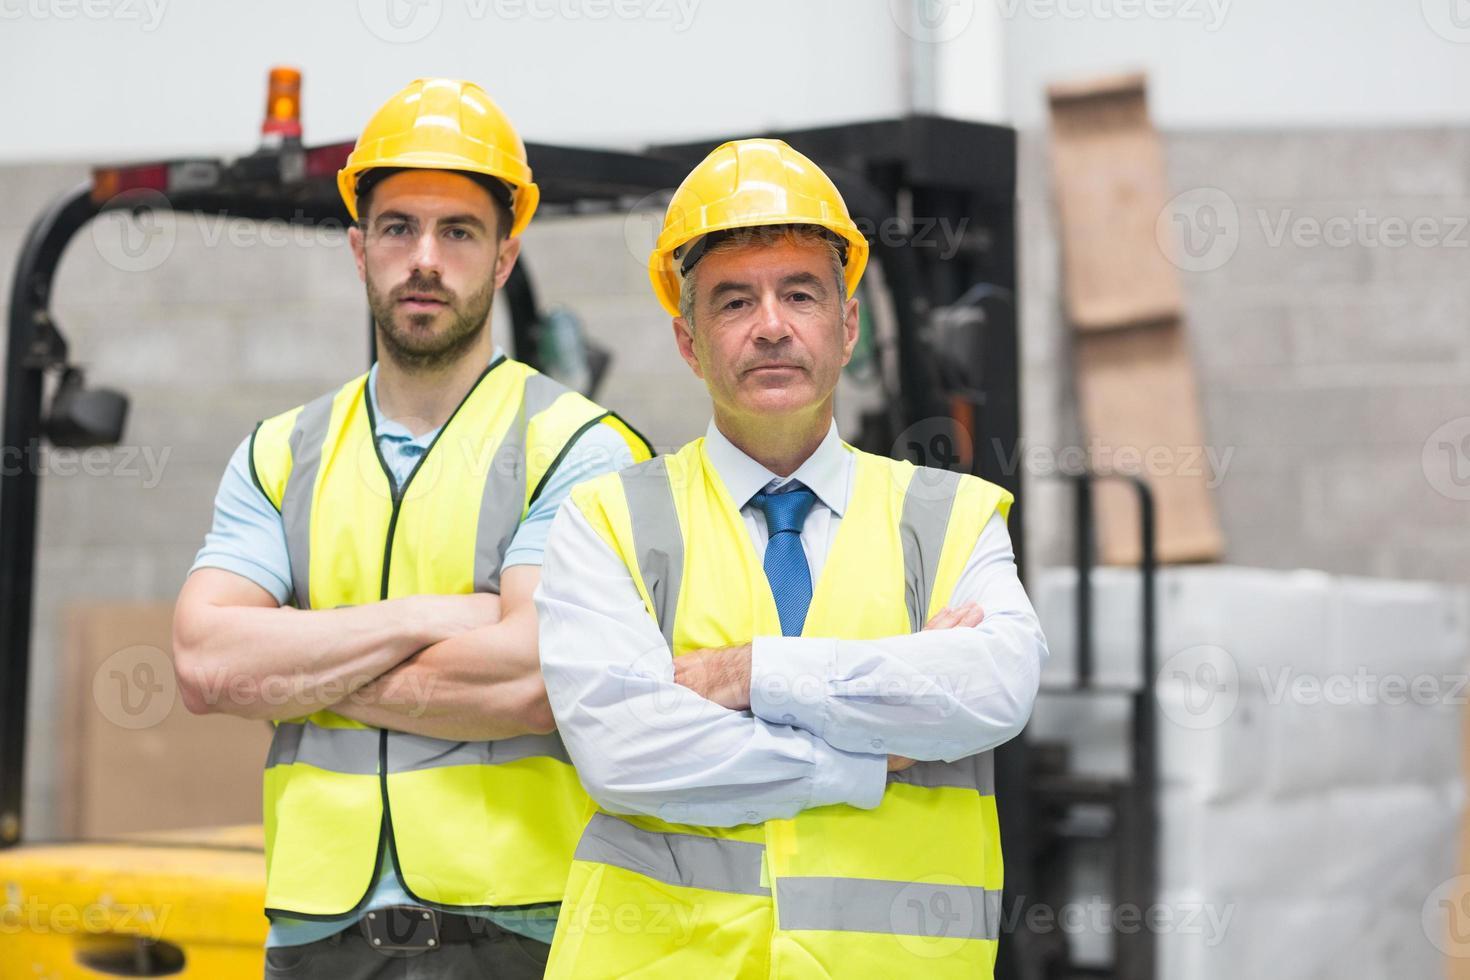 Manager mit verschränkten Armen und sein Kollege hinter ihm foto